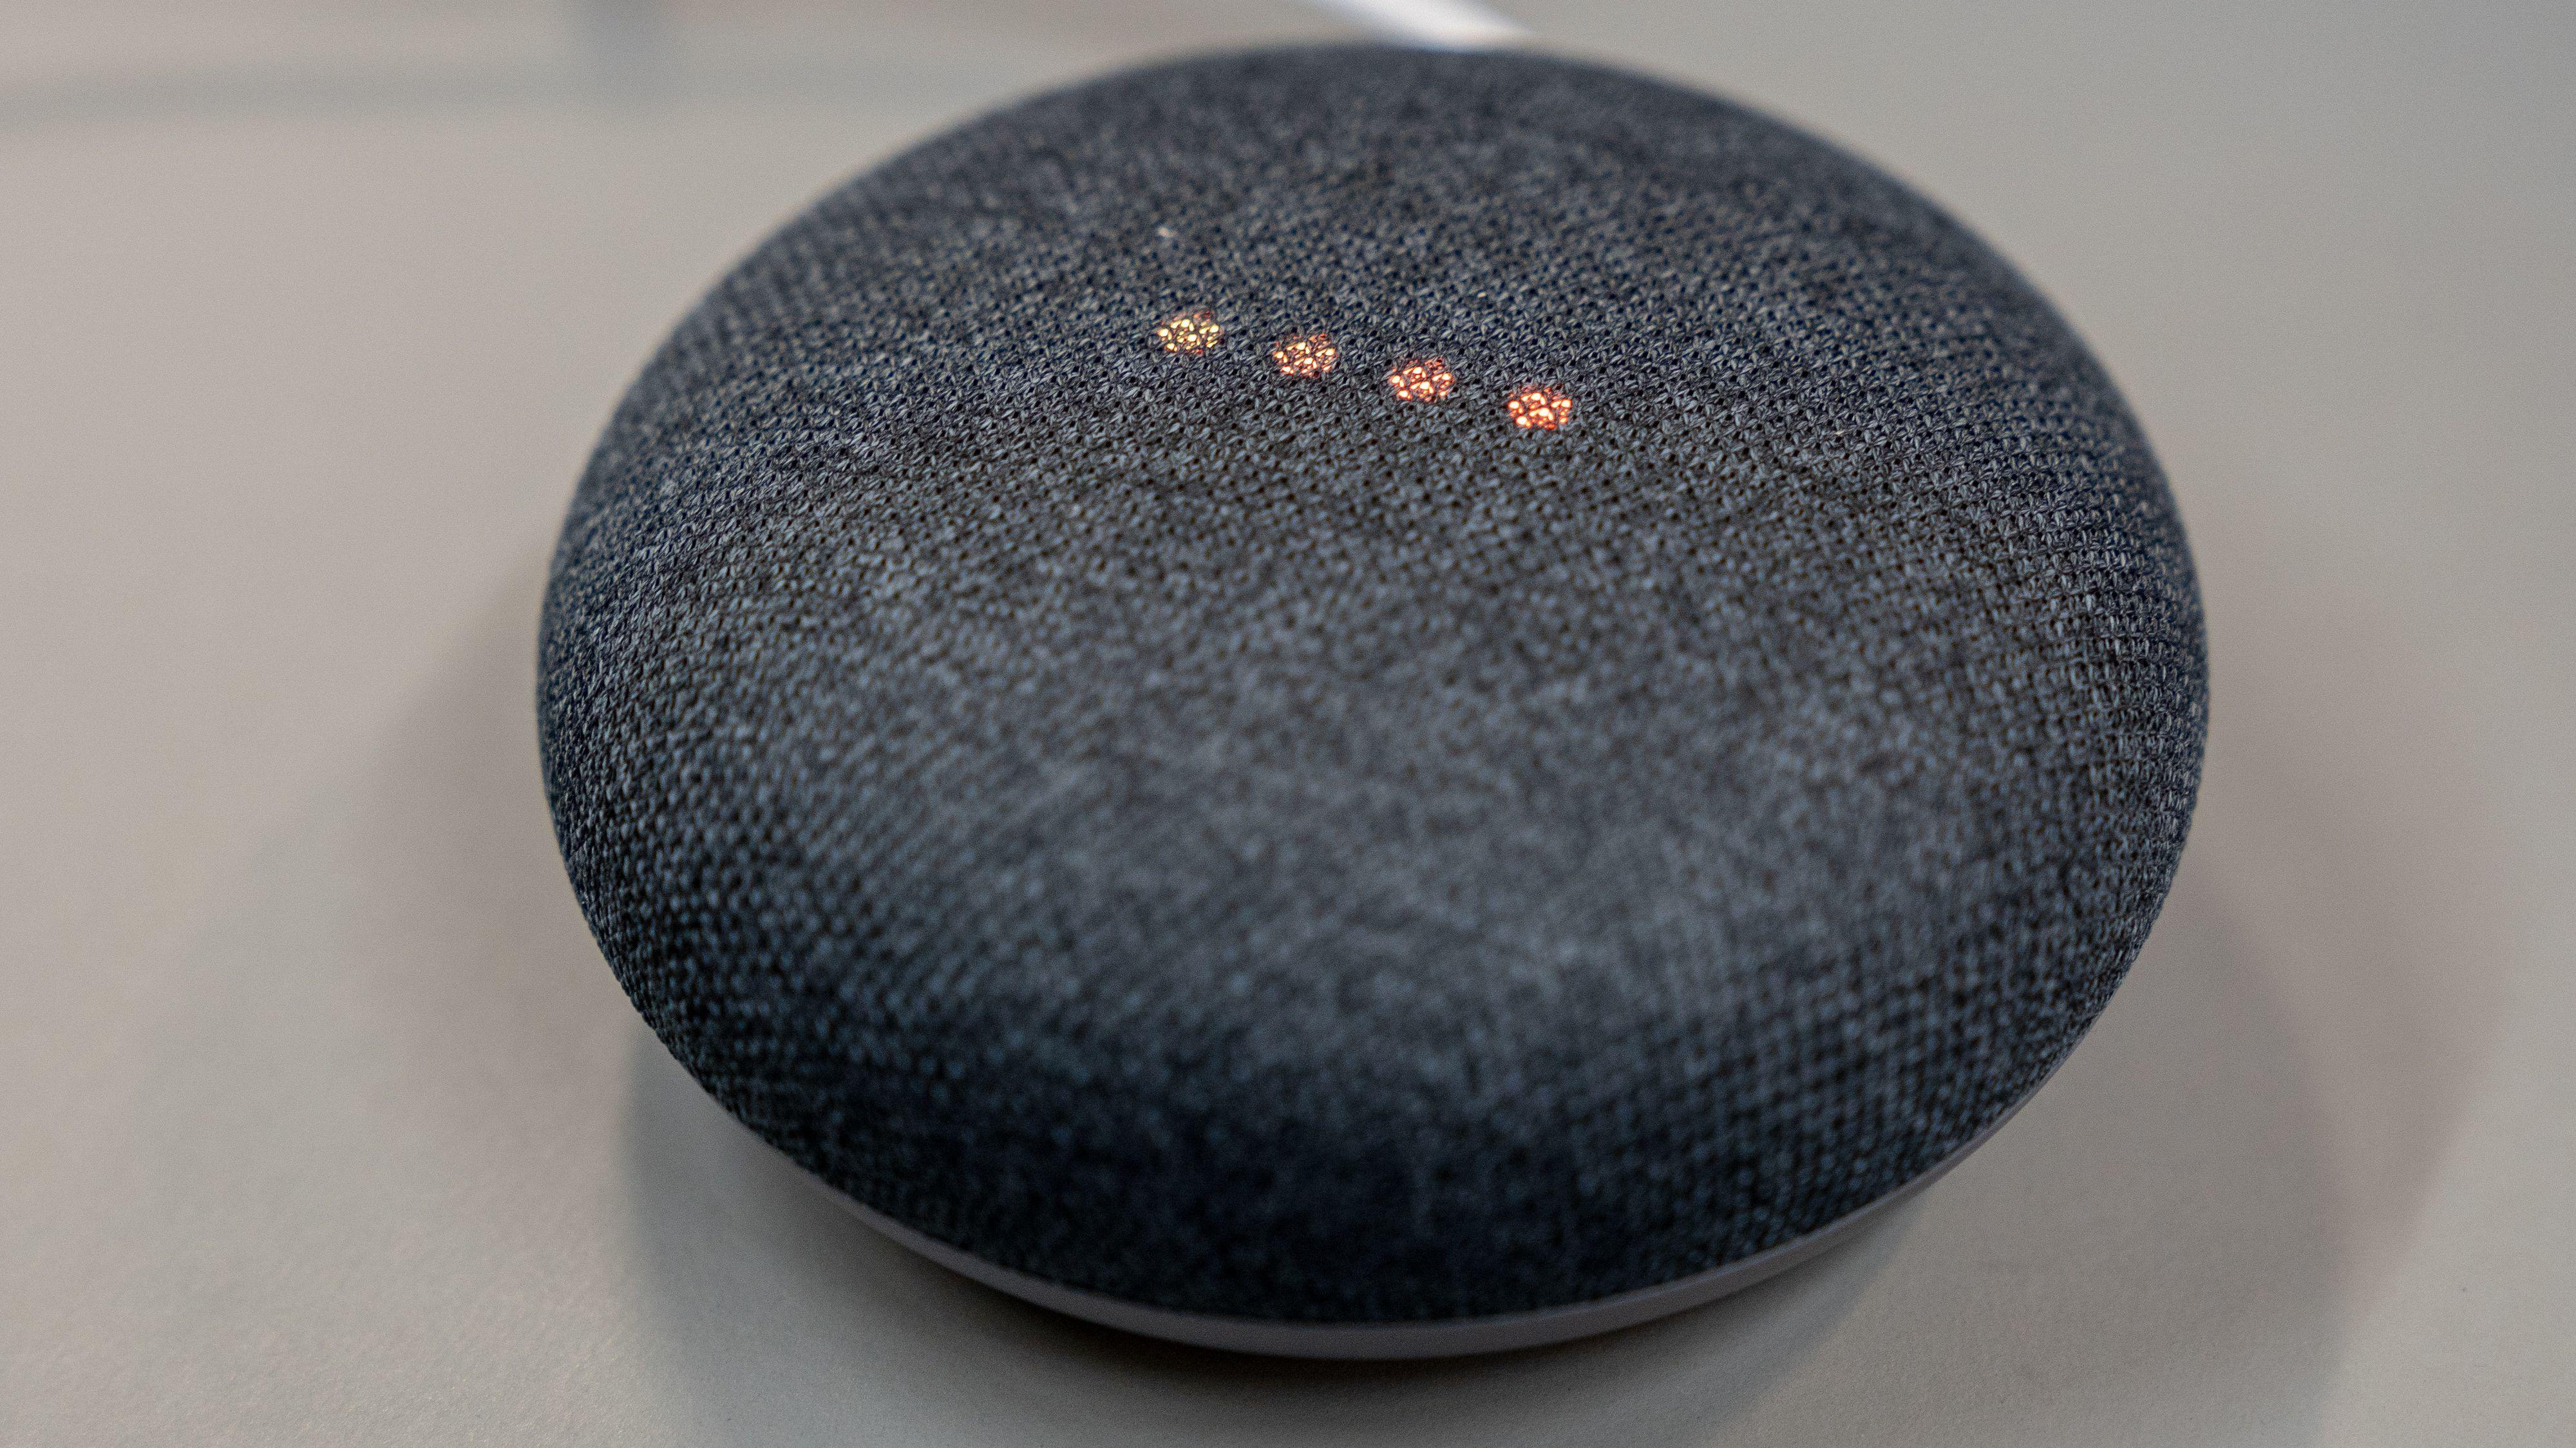 Sonos-produktene skal fungere fint sammen med Googles og Nests smarthøyttalere i samme hjem og nettverk. Her en Google Nest Mini, en av de rimeligste smarthøyttalerne du kan kjøpe.